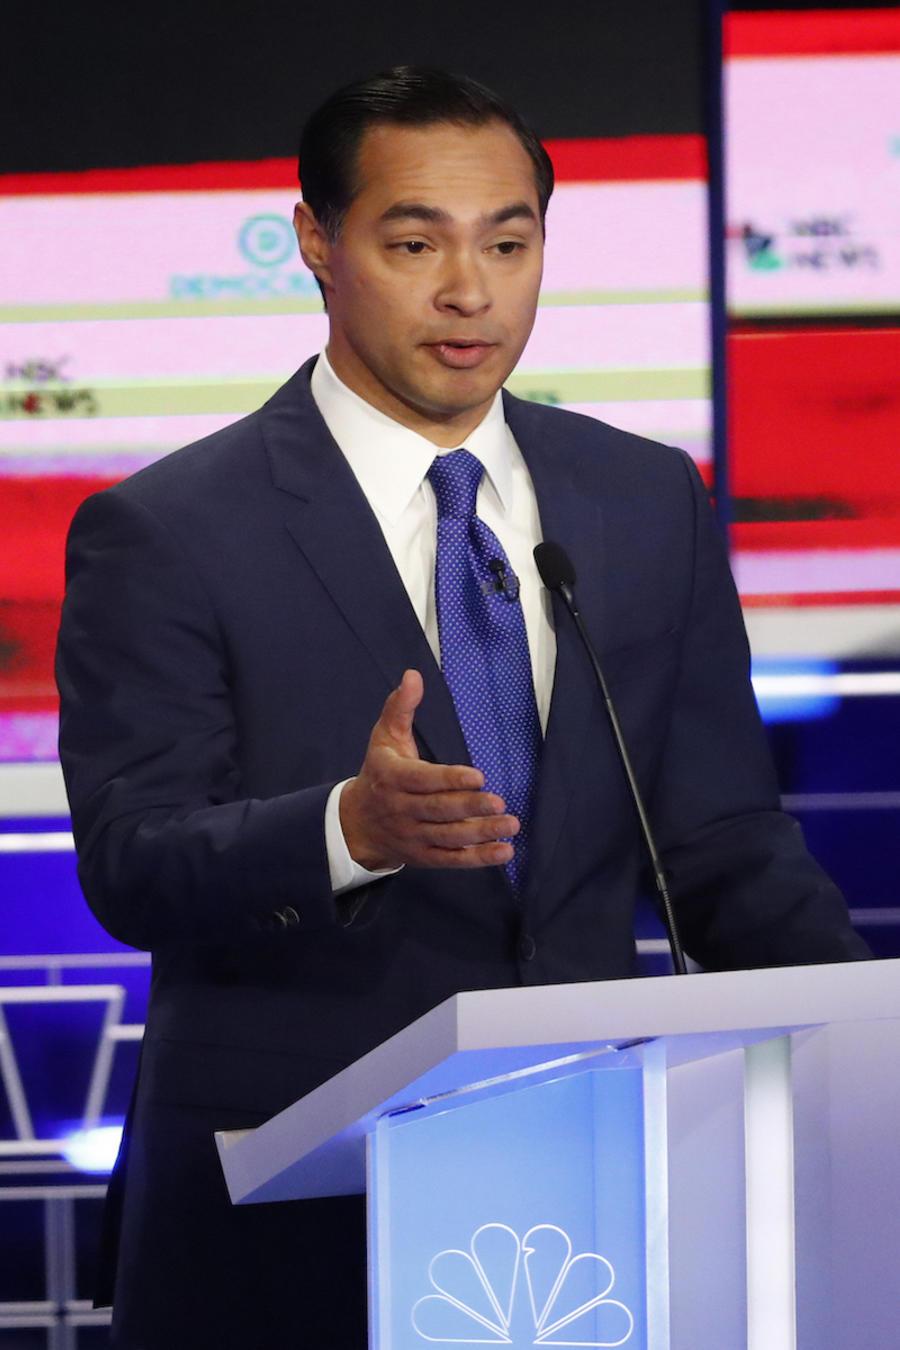 Julián Castro, aspirante demócrata a la presidencia, durante el primer debate de su partido en Miami el 26 de junio.